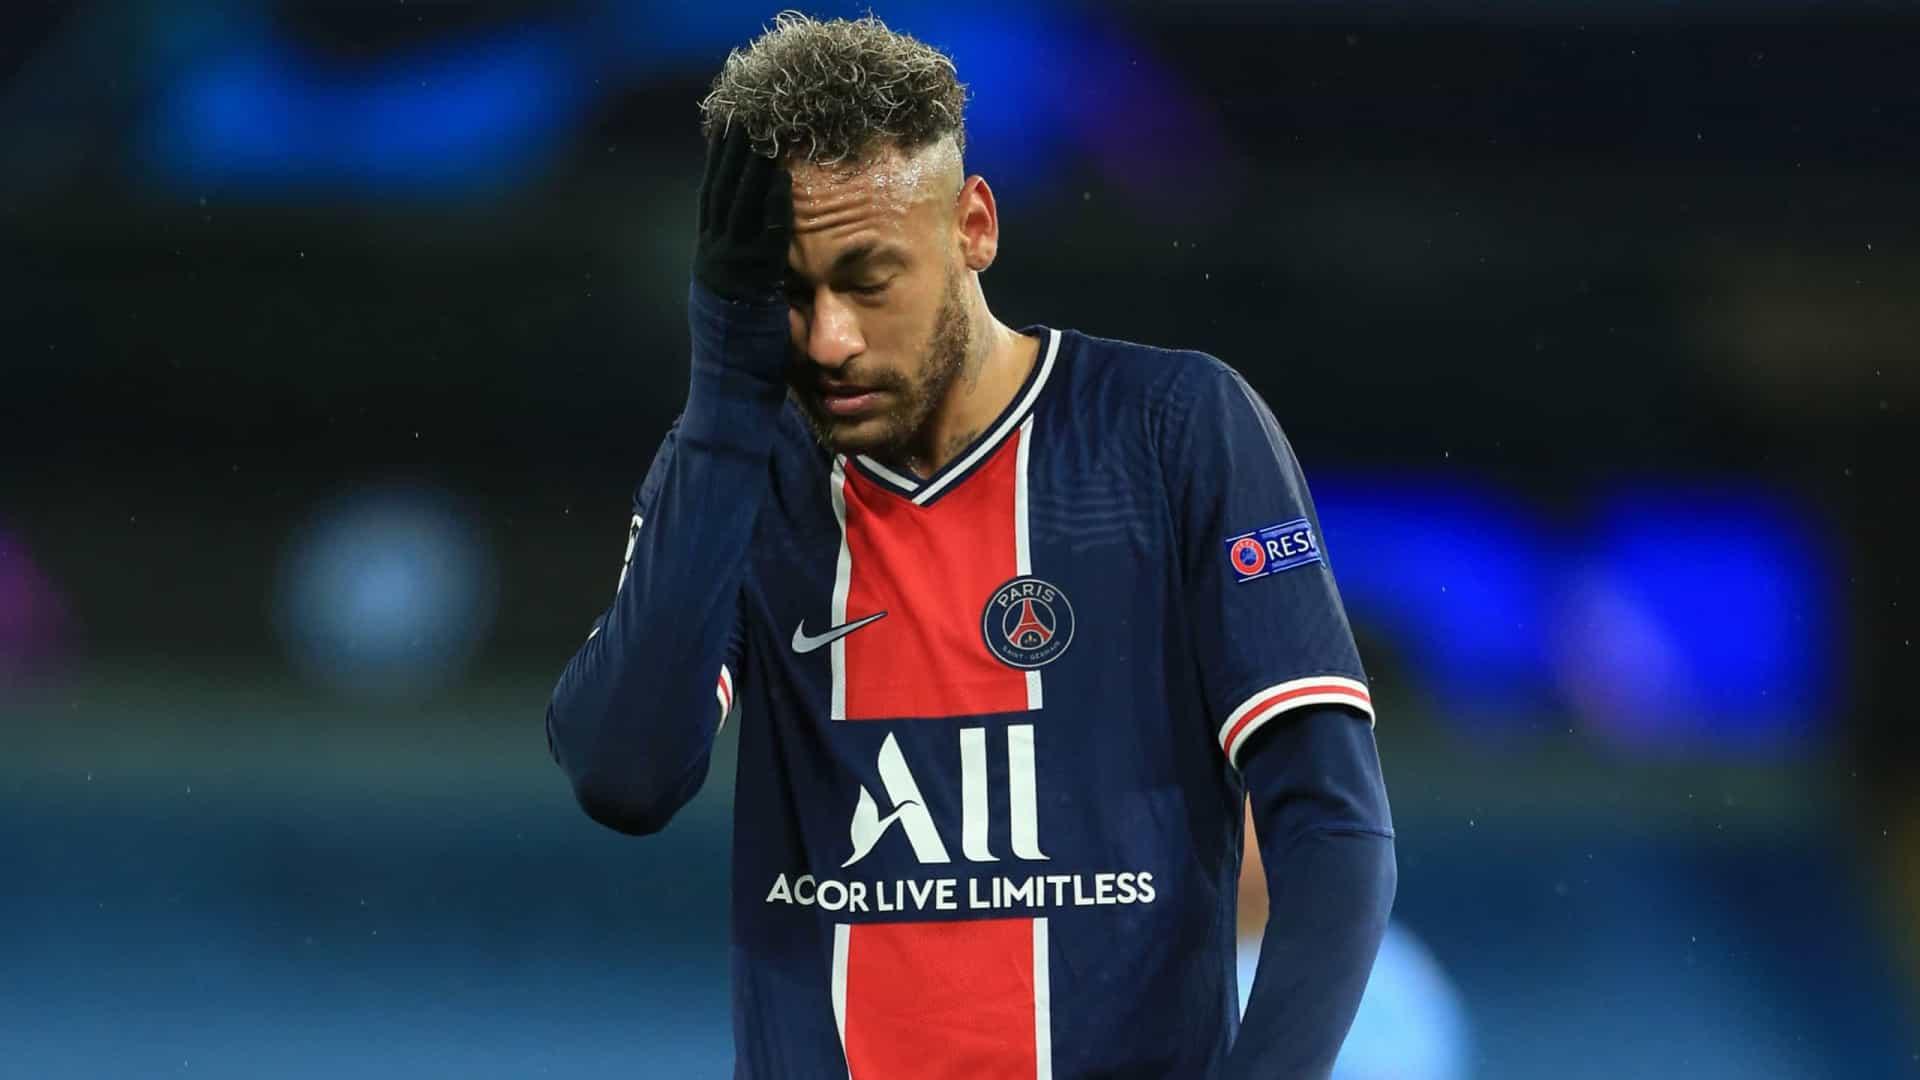 """naom 60926494451ab - Imprensa francesa detona desempenho de Neymar: """"Foi catastrófico"""""""